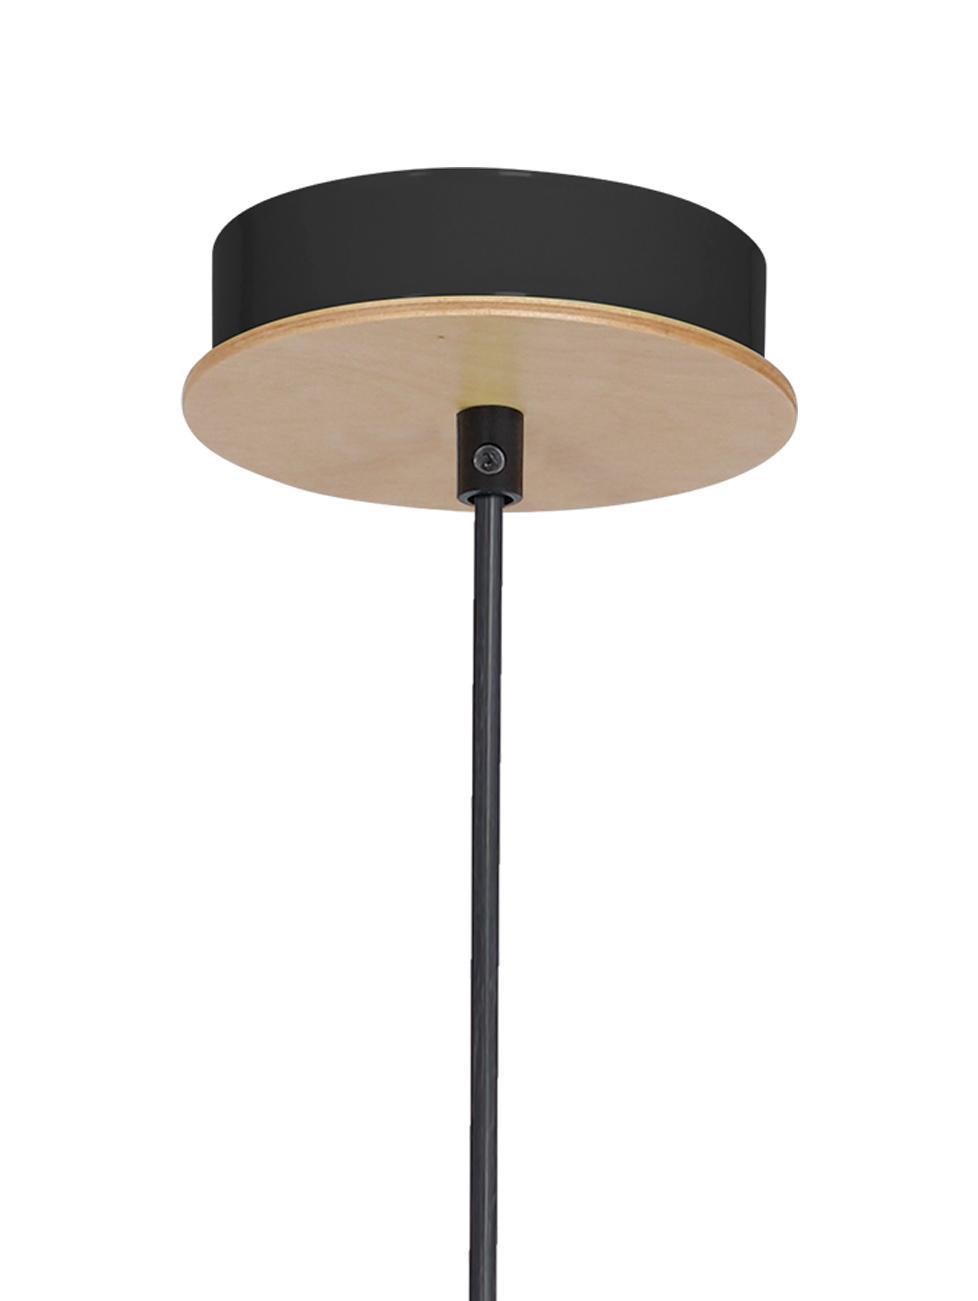 Lampada a sospensione in legno Lines, Legno, nero, Ø 6 x Alt. 11 cm